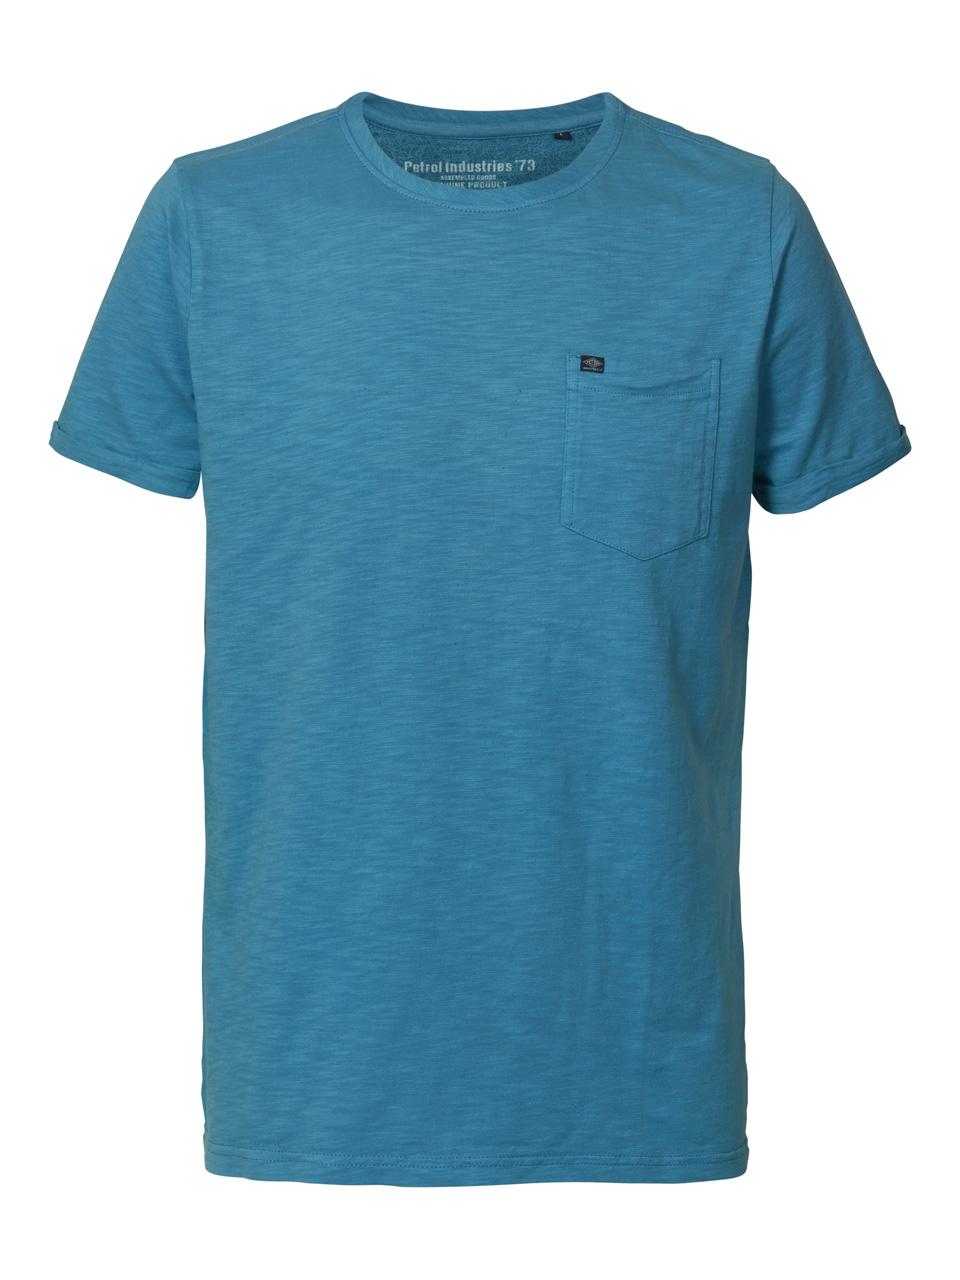 Tee shirt uni petrol bleu